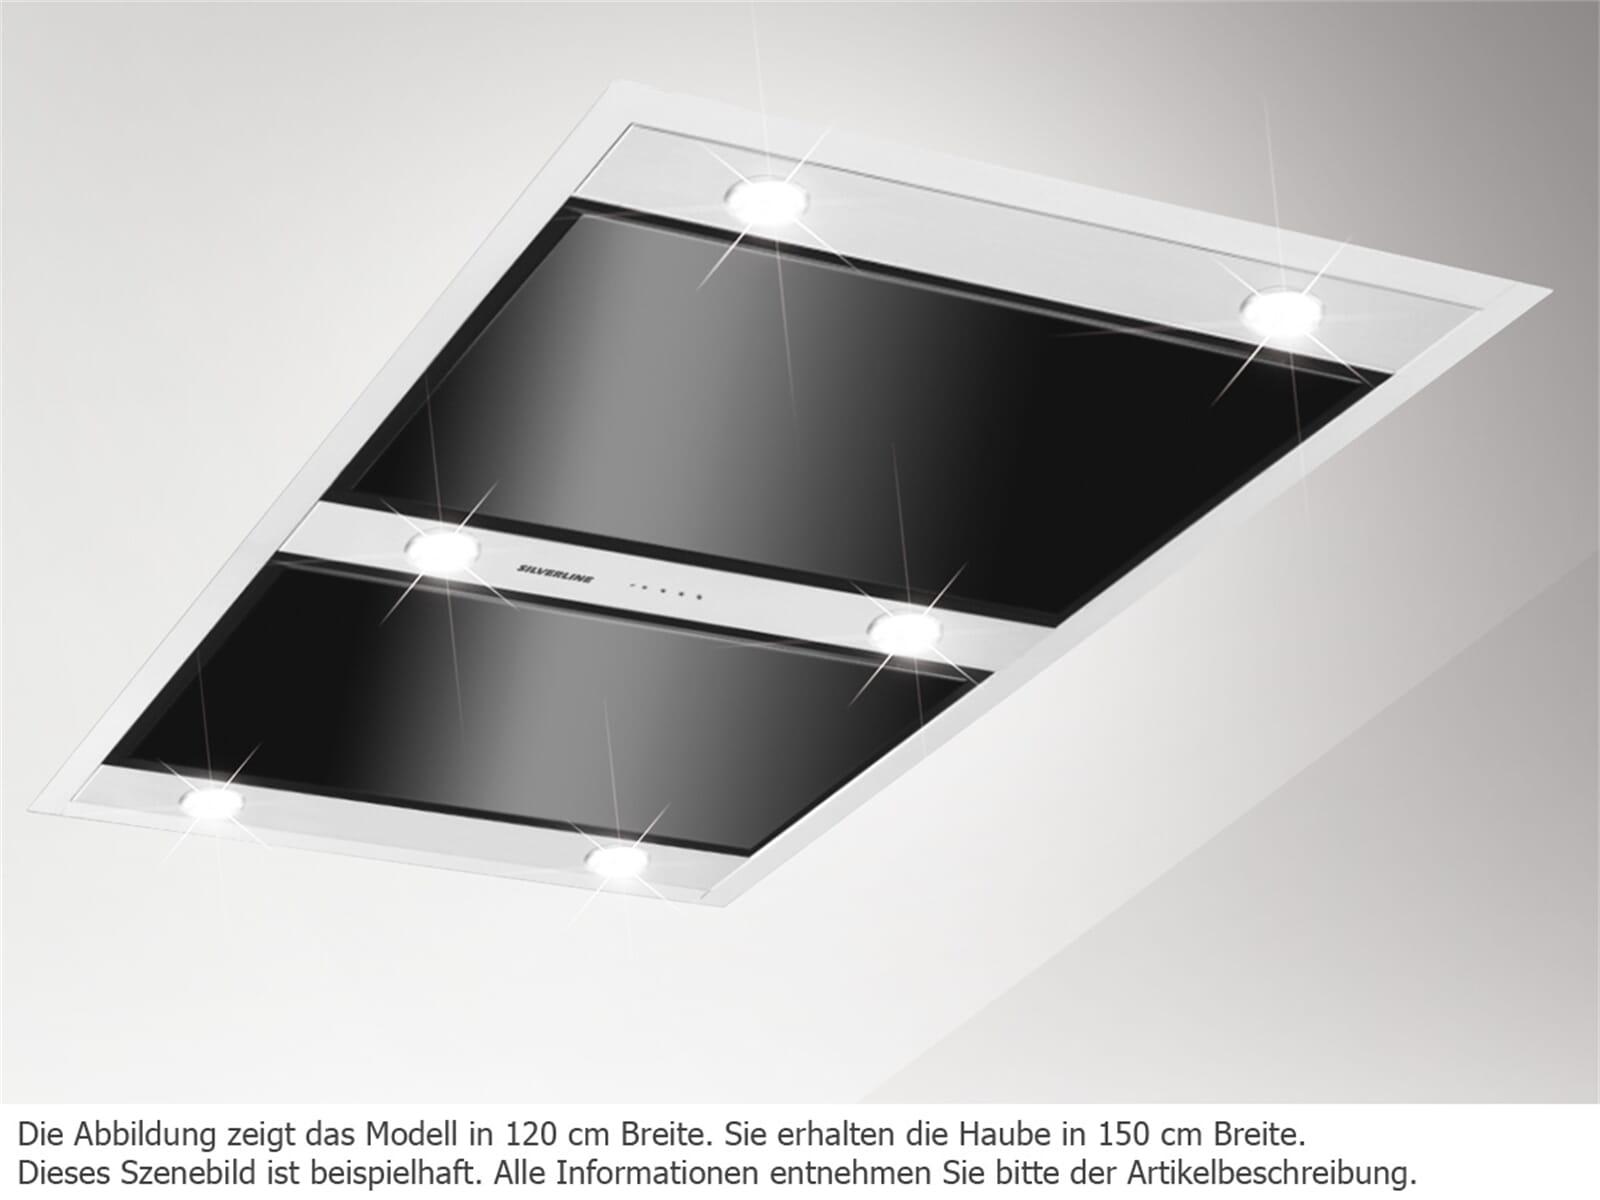 Silverline Vega VGD 154.1 S Abluft Deckenhaube mit Randabsaugung Edelstahl / Schwarzglas 150 cm